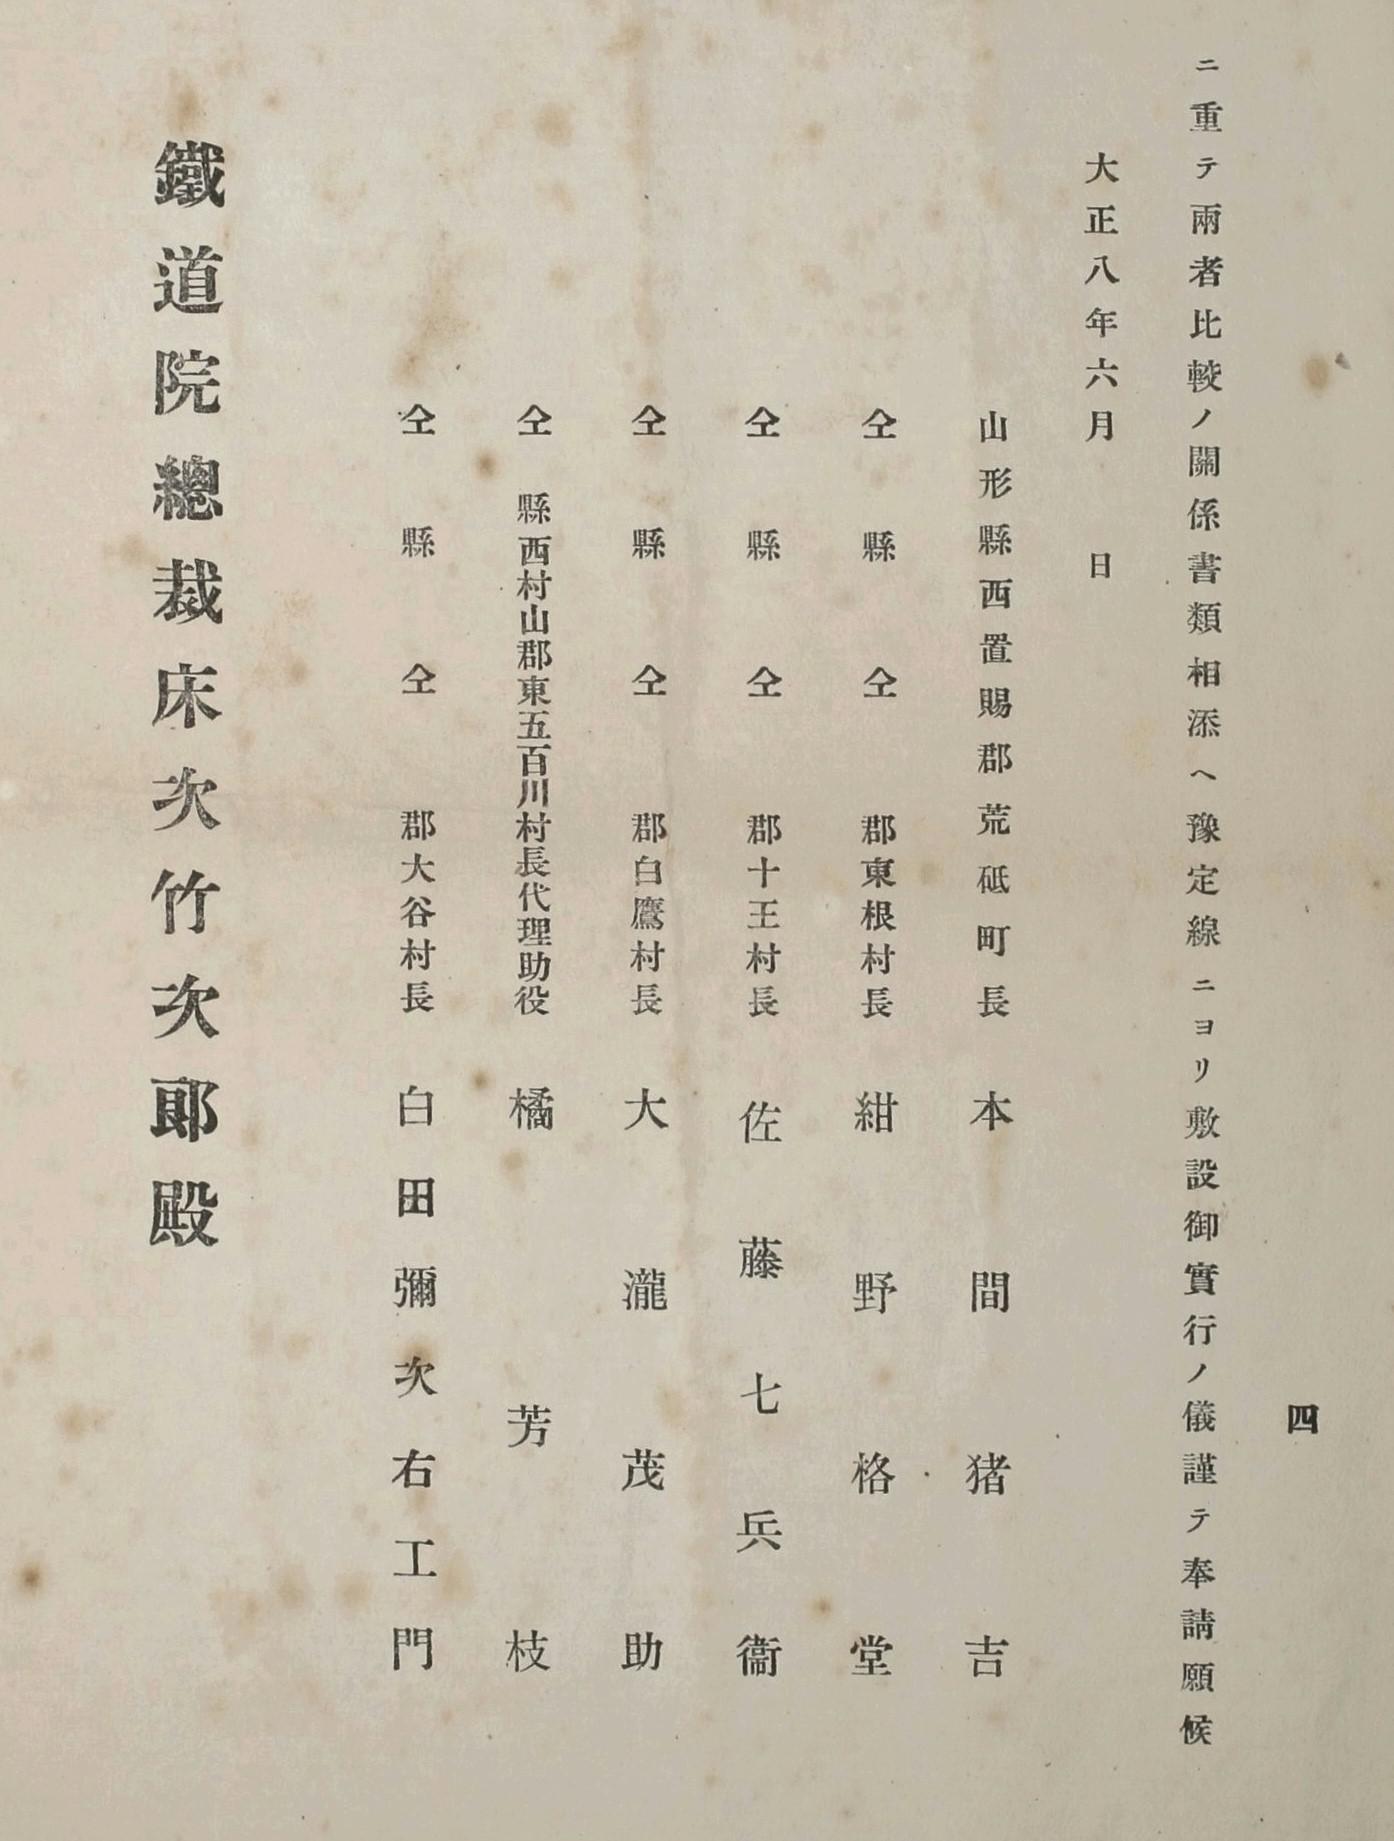 軽鉄人物伝③ 荒砥町6人衆(その6)